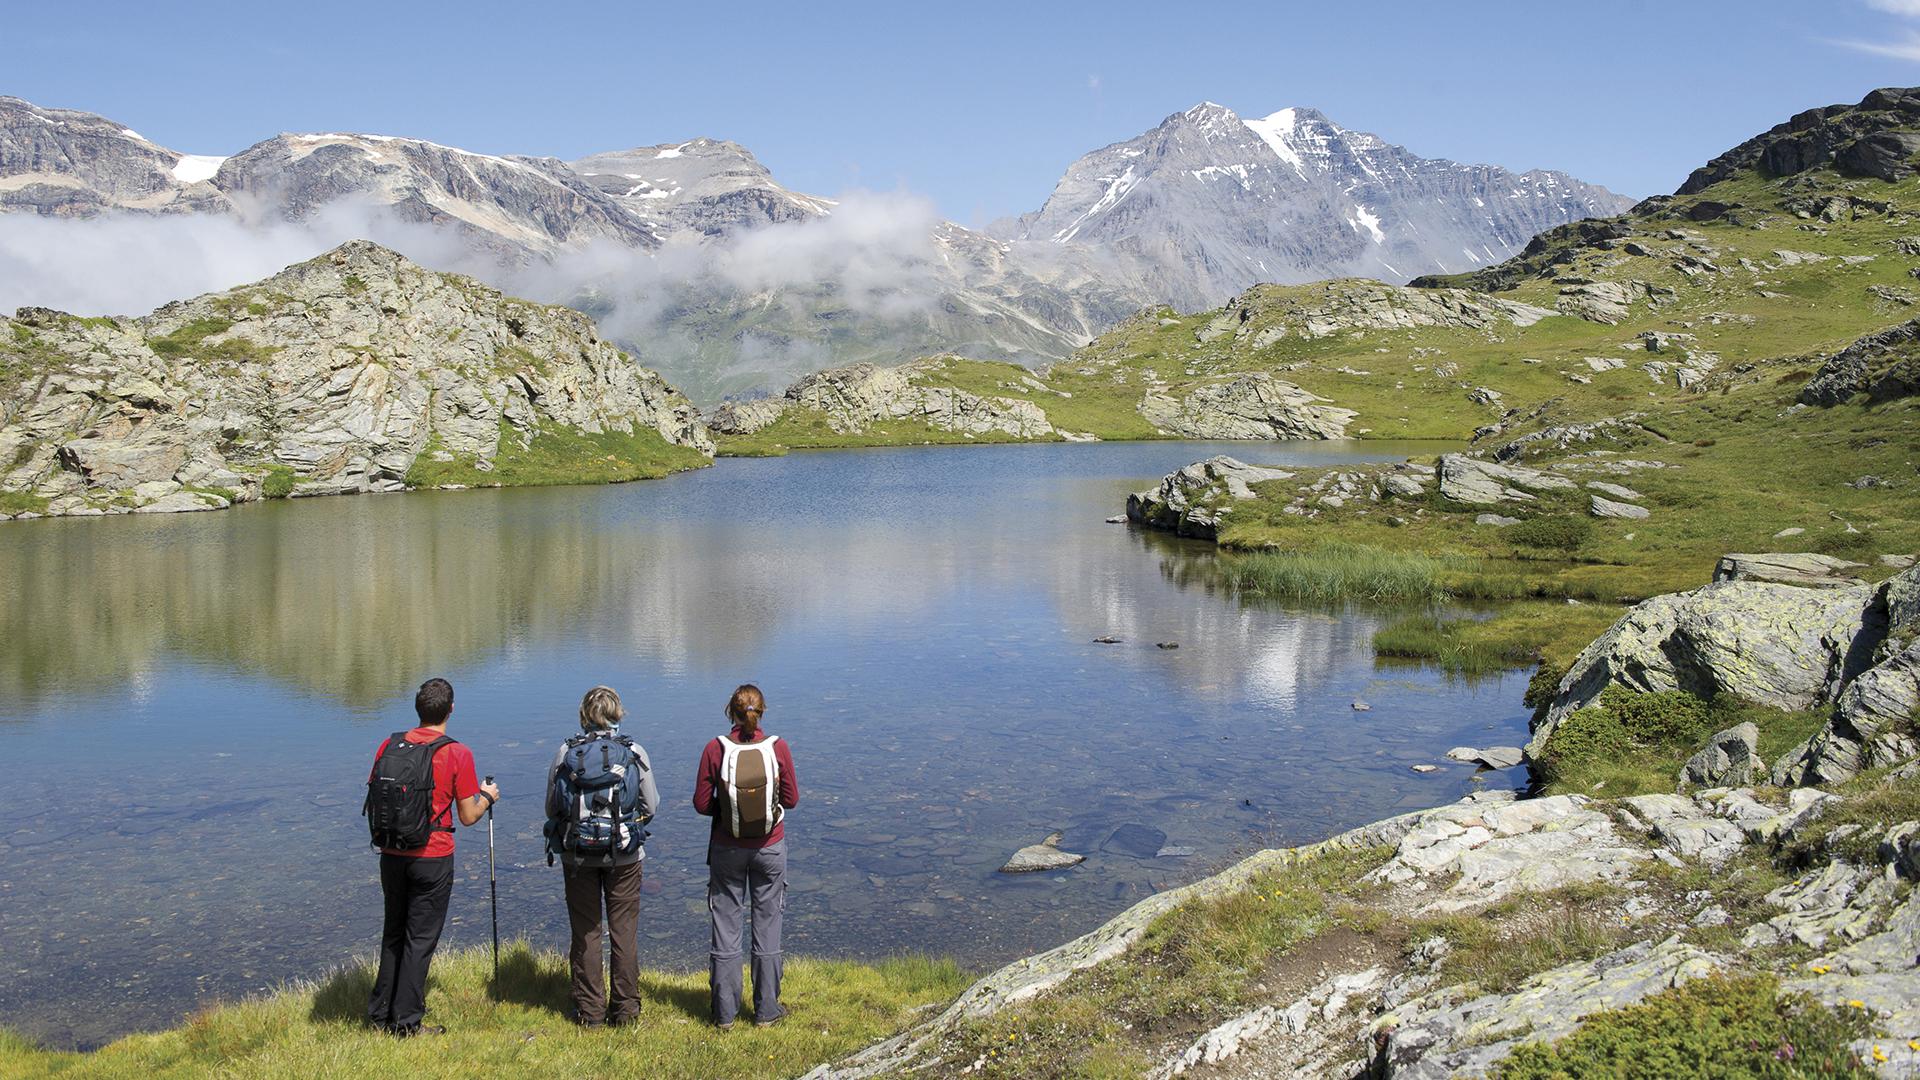 Les Bons plans pour découvrir la montagne en été - CGH Résidences